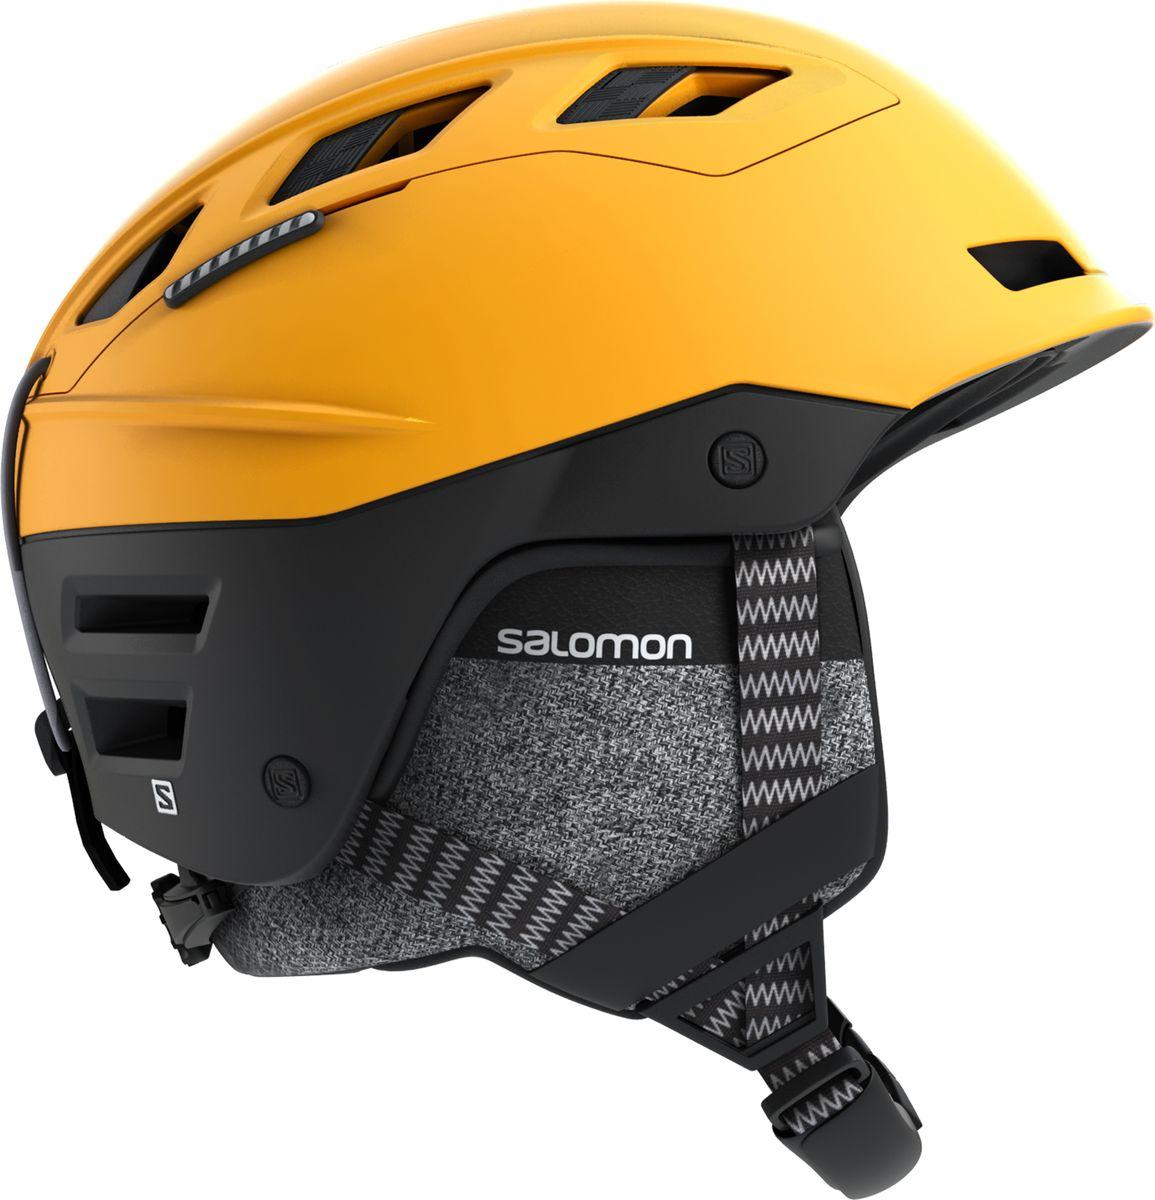 Шлем горнолыжный Salomon QST Charge, цвет: желтый. Размер M (56-59)